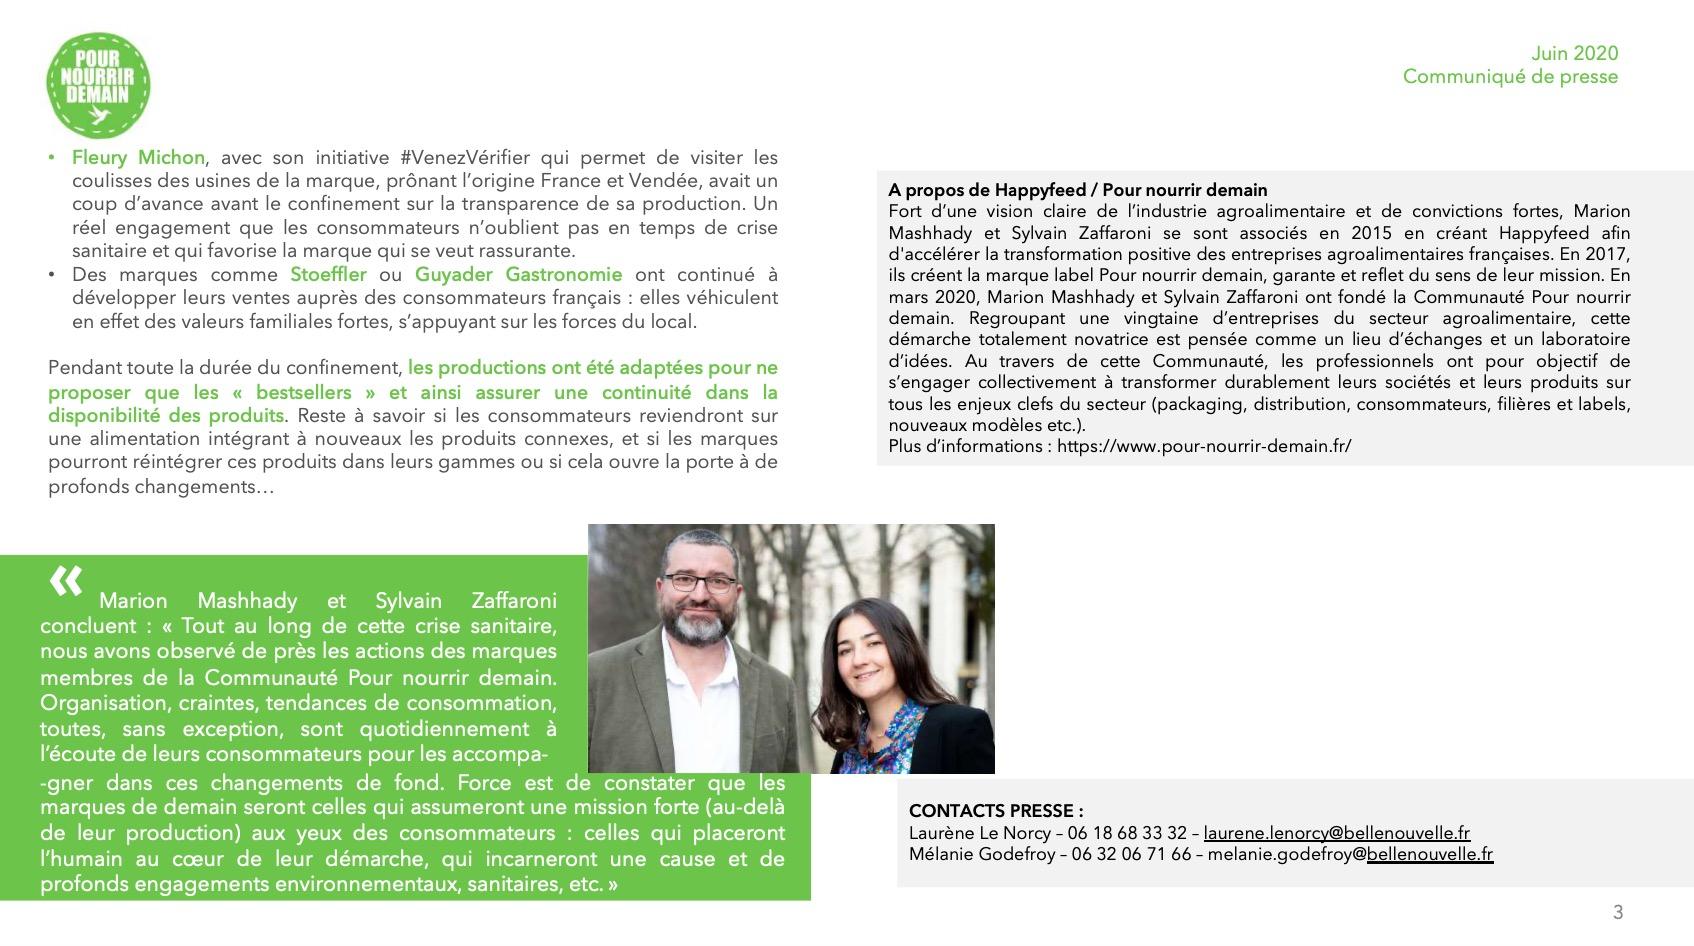 Capture d'écran 2020 06 02 à 11.19.56 - La Communauté Pour nourrir demain se penche sur la consommation des Français (Communiqué de presse)